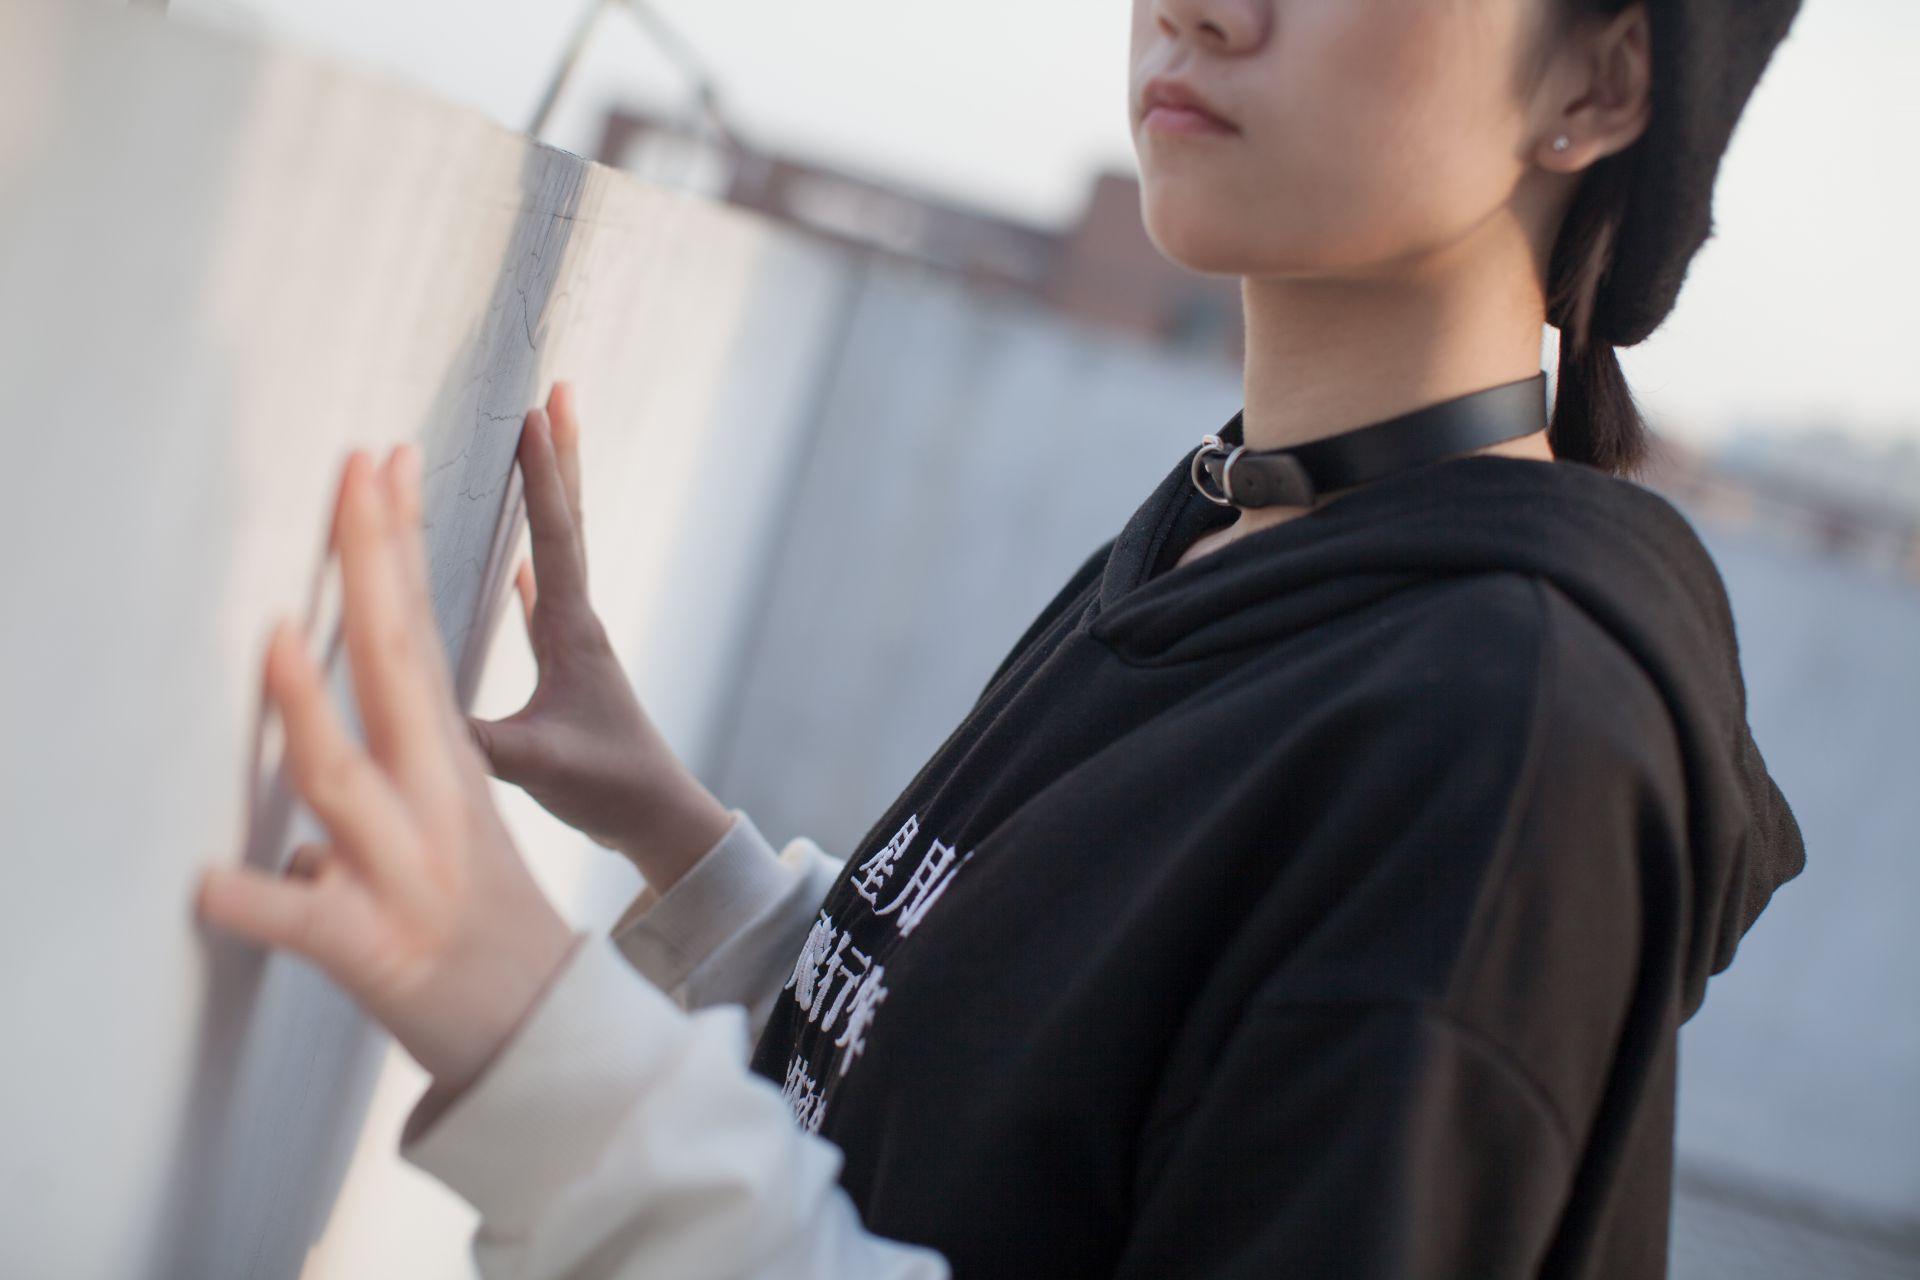 少女秩序 EXVOL.04 天台的黑丝小恶魔 兔玩映画 第6张